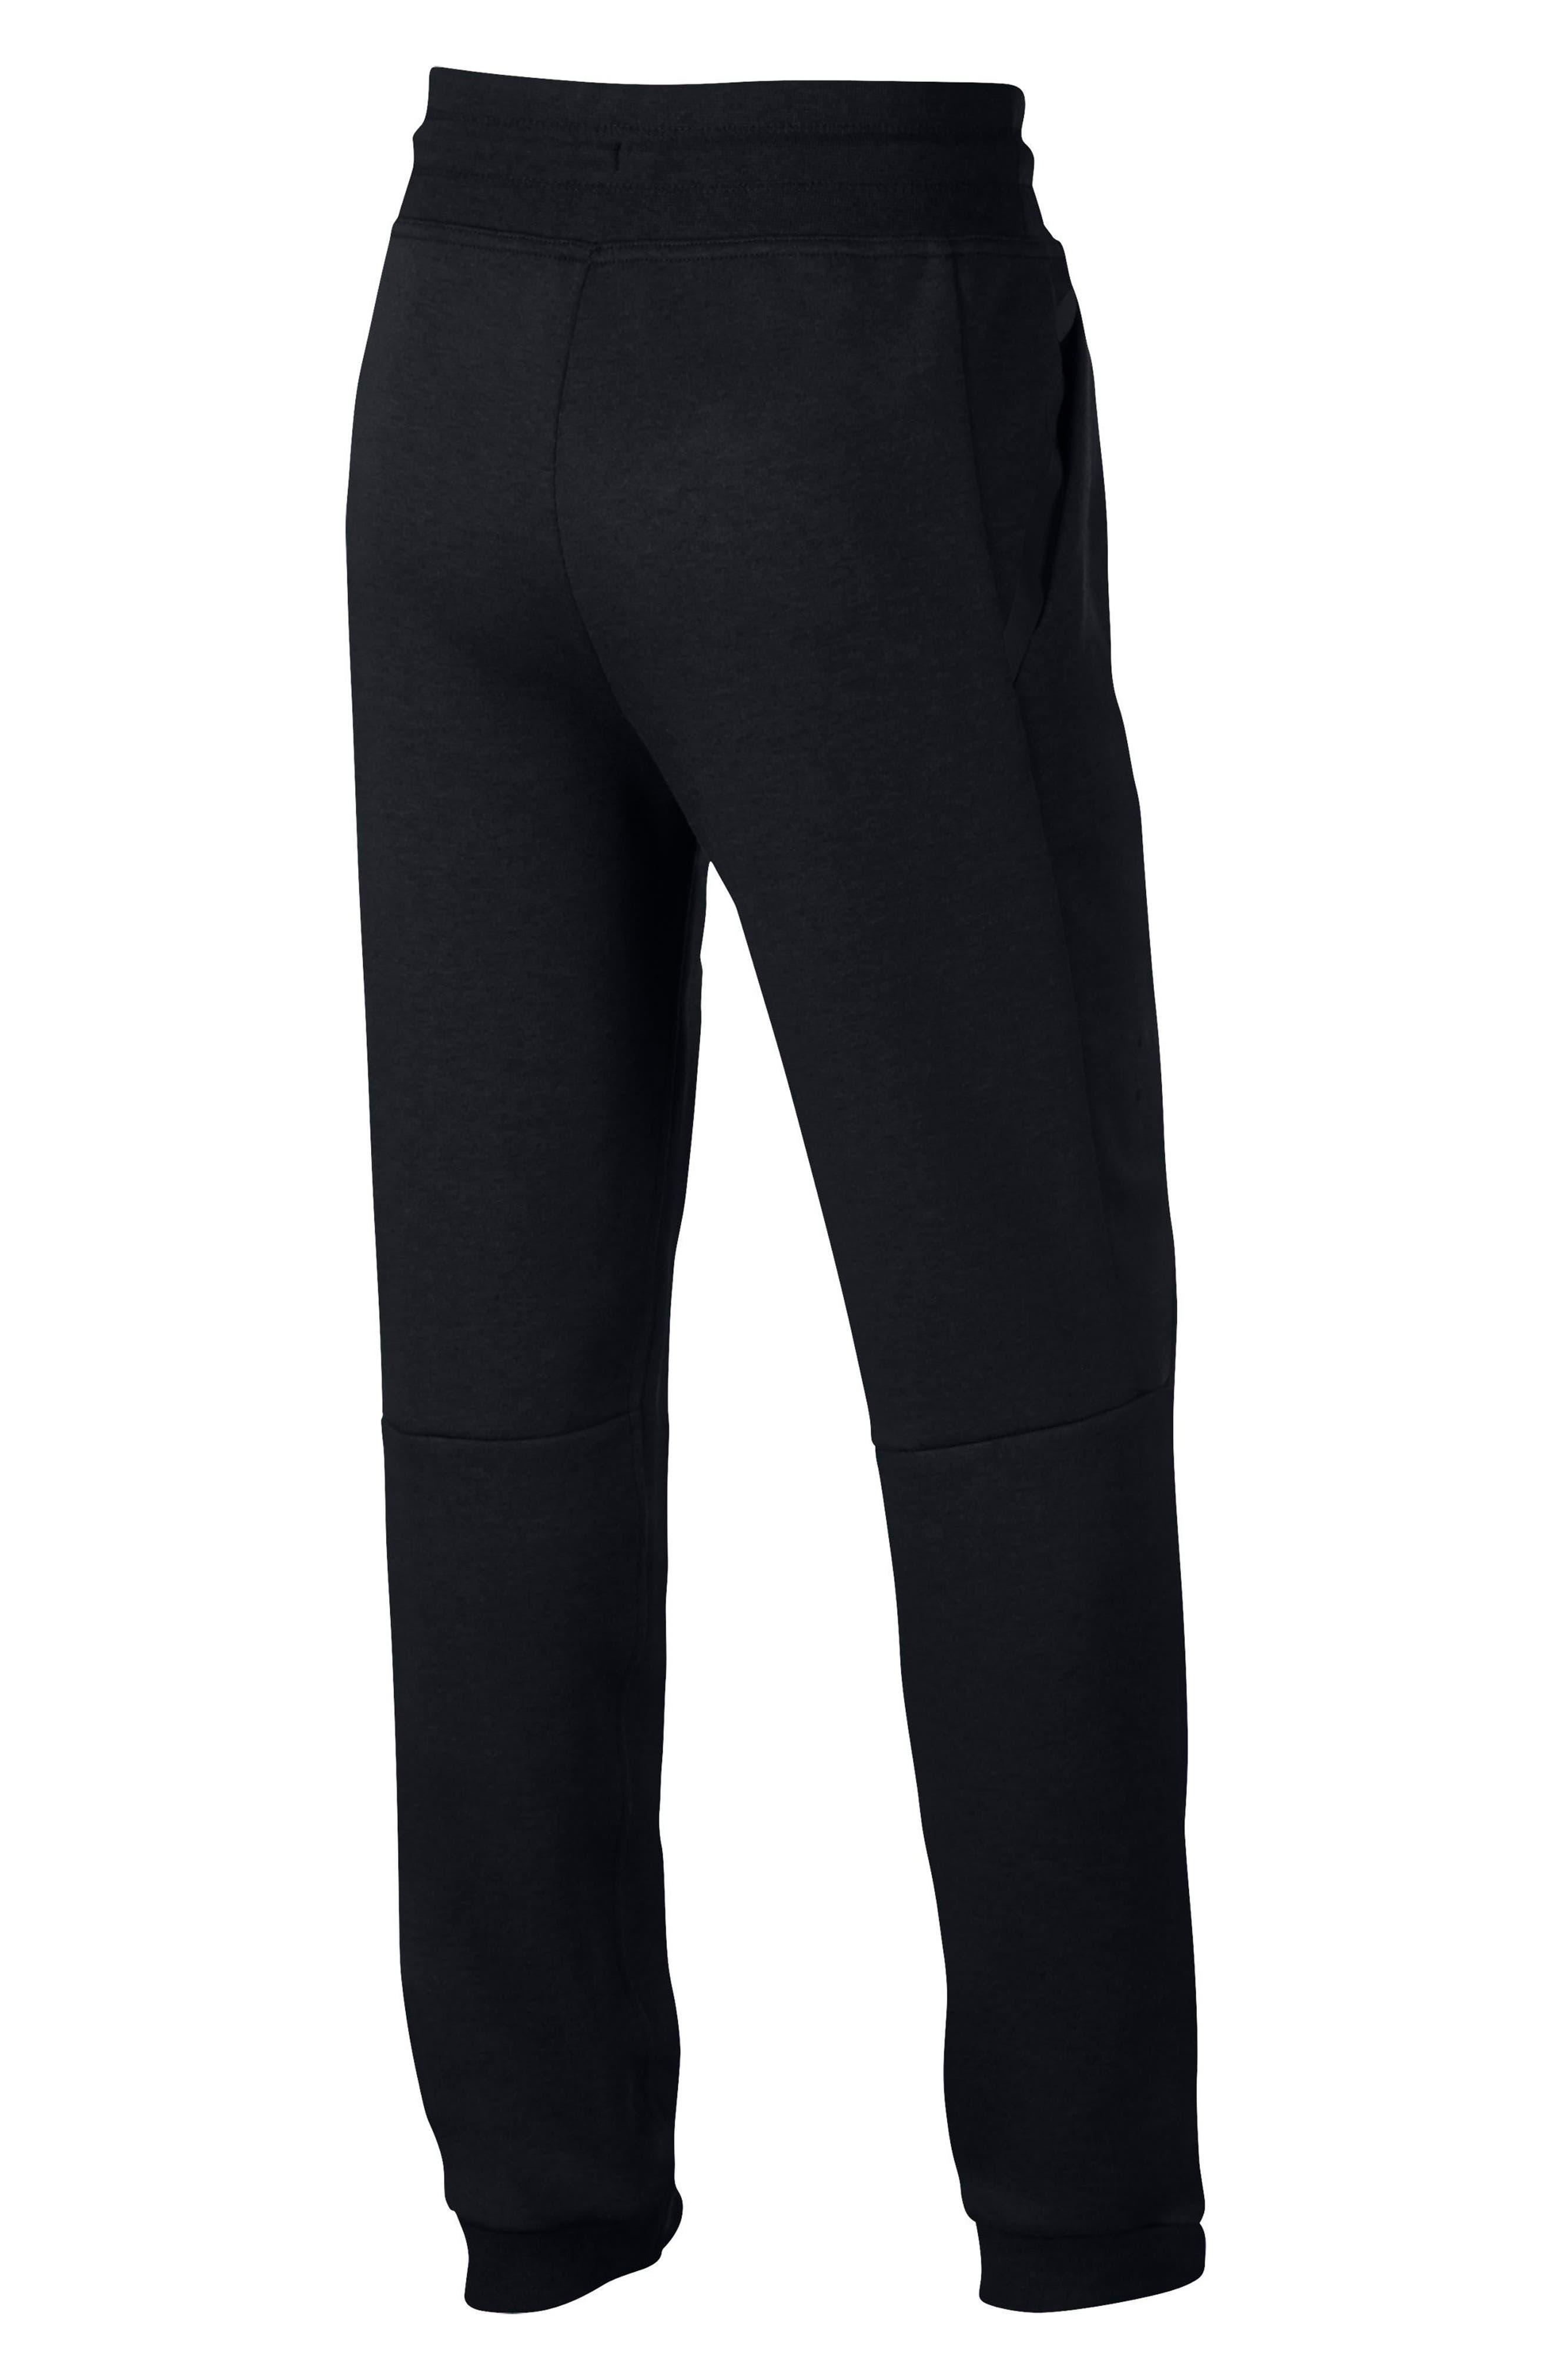 Alternate Image 2  - Nike Tech Fleece Pants (Big Girls)